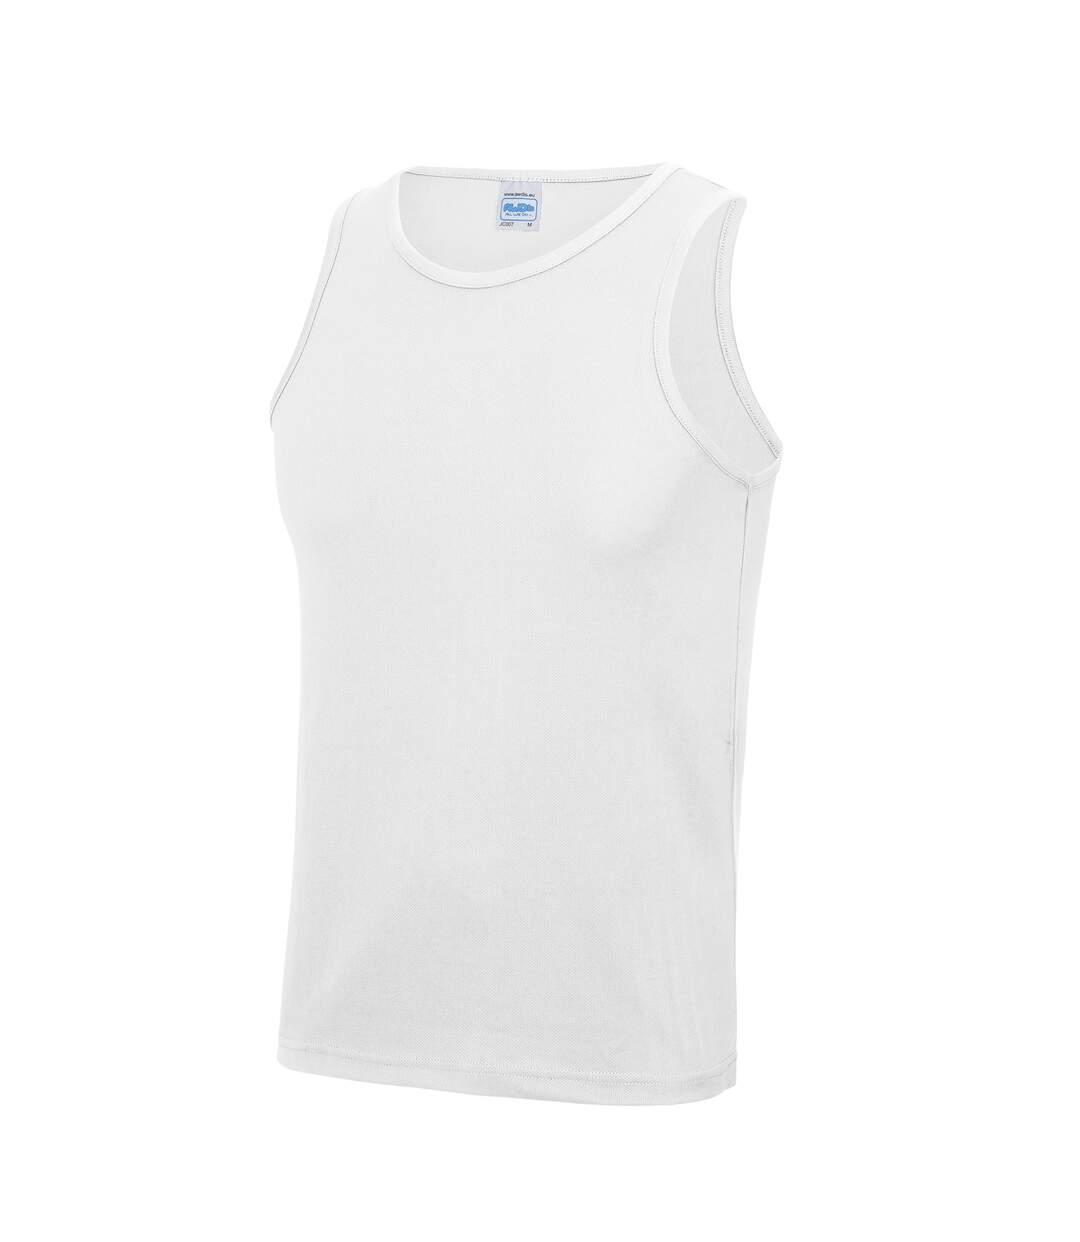 Just Cool Mens Sports Gym Plain Tank / Vest Top (Arctic White) - UTRW687